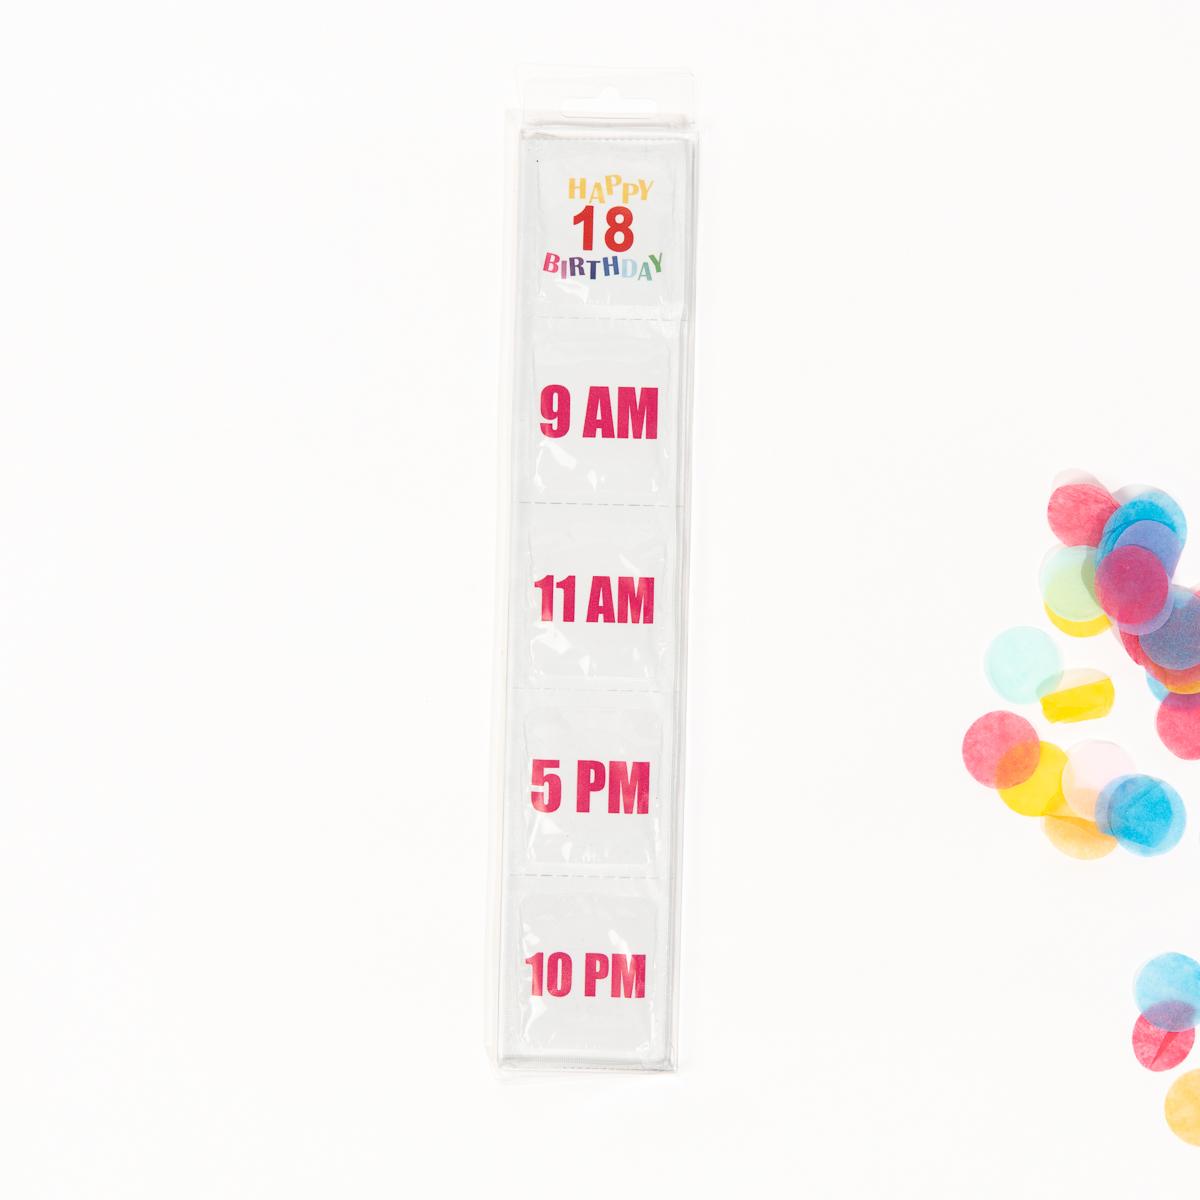 Preservativi per Compleanno 18 + 30 + 40 Anni